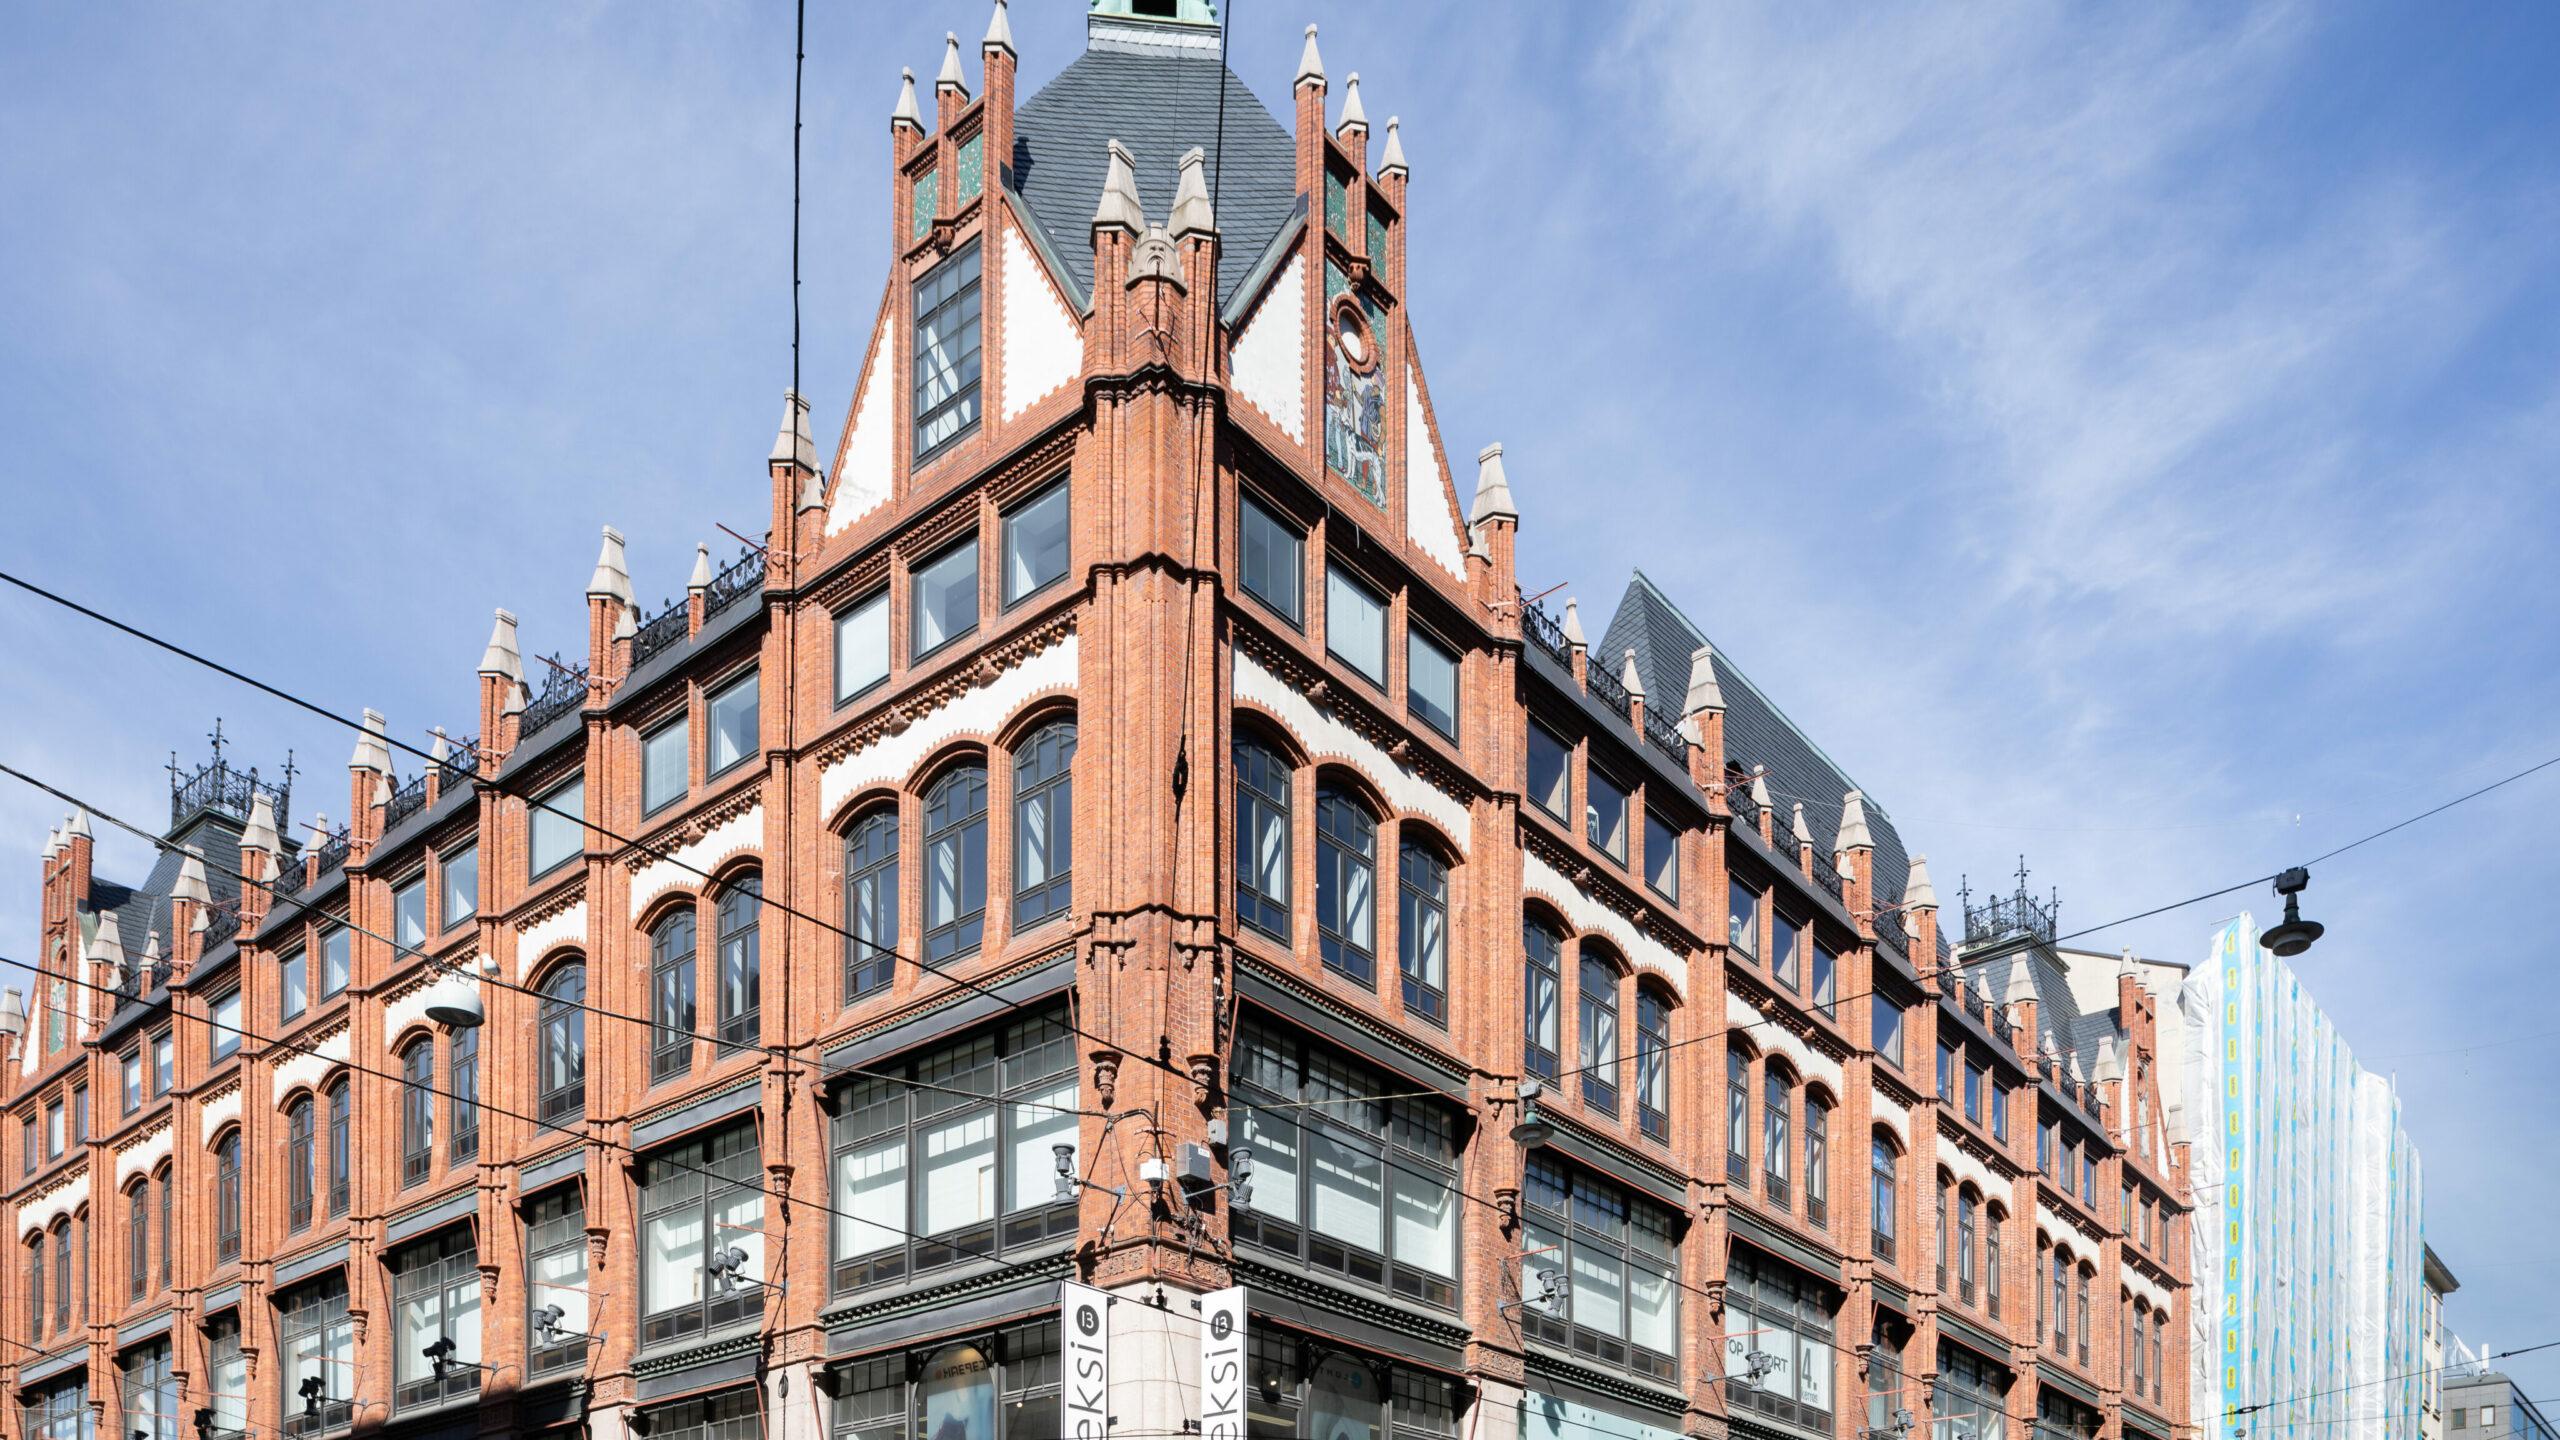 Perinteikäs tavaratalo menee kiinni Aleksanterinkadulla – kaupunki ja kiinteistönomistaja täysin eri mieltä rakennuksen tulevasta käytöstä